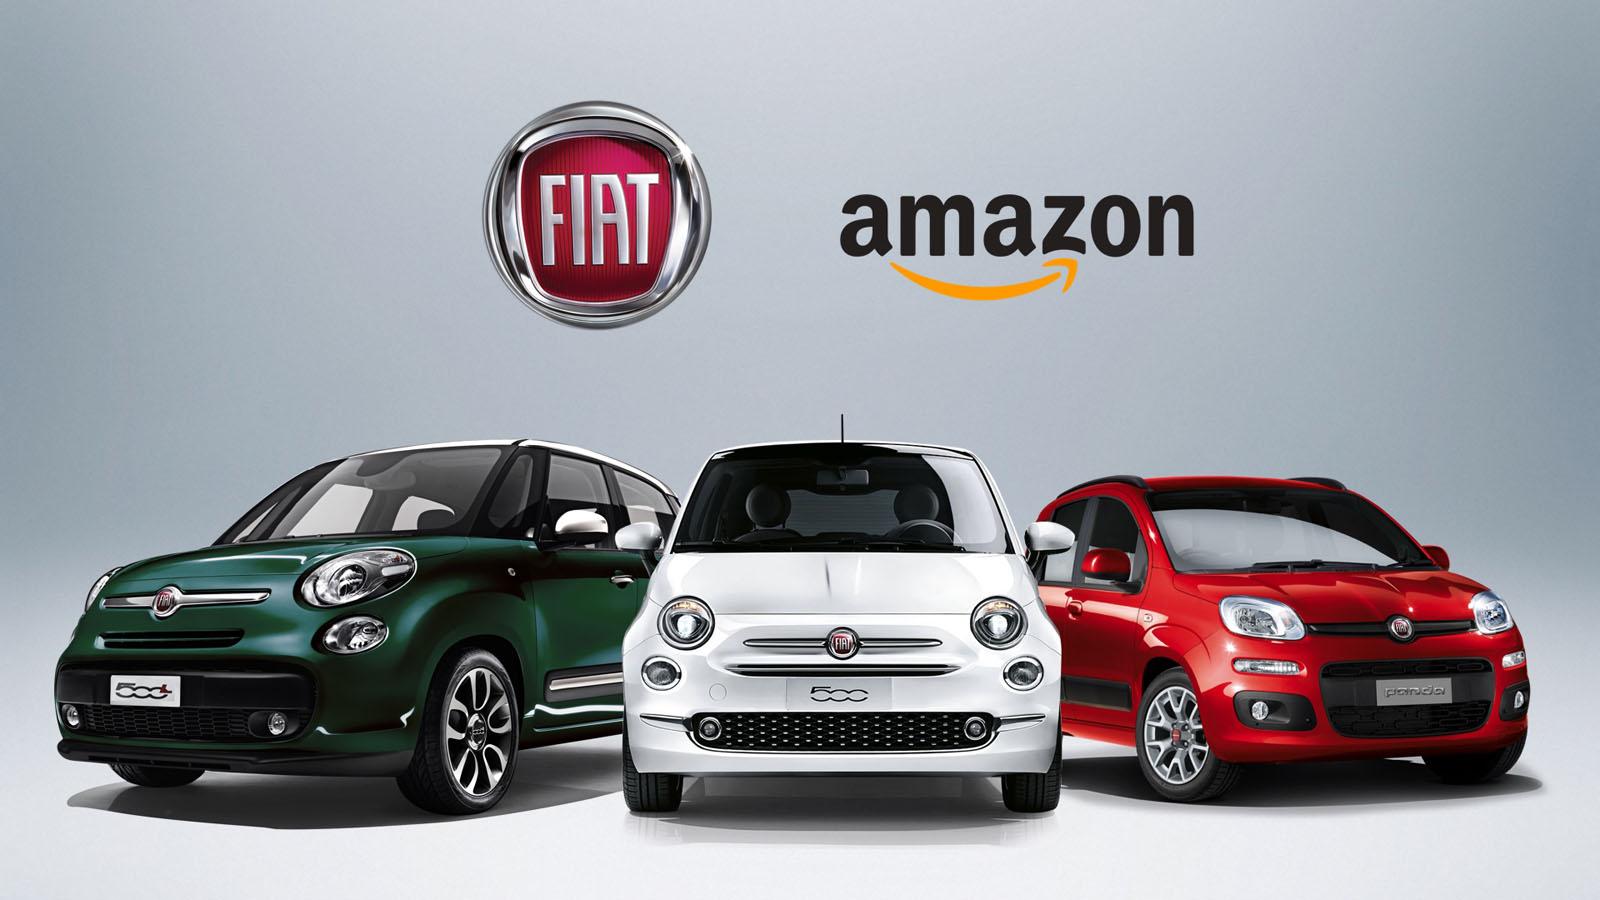 161118_Fiat-Amazon